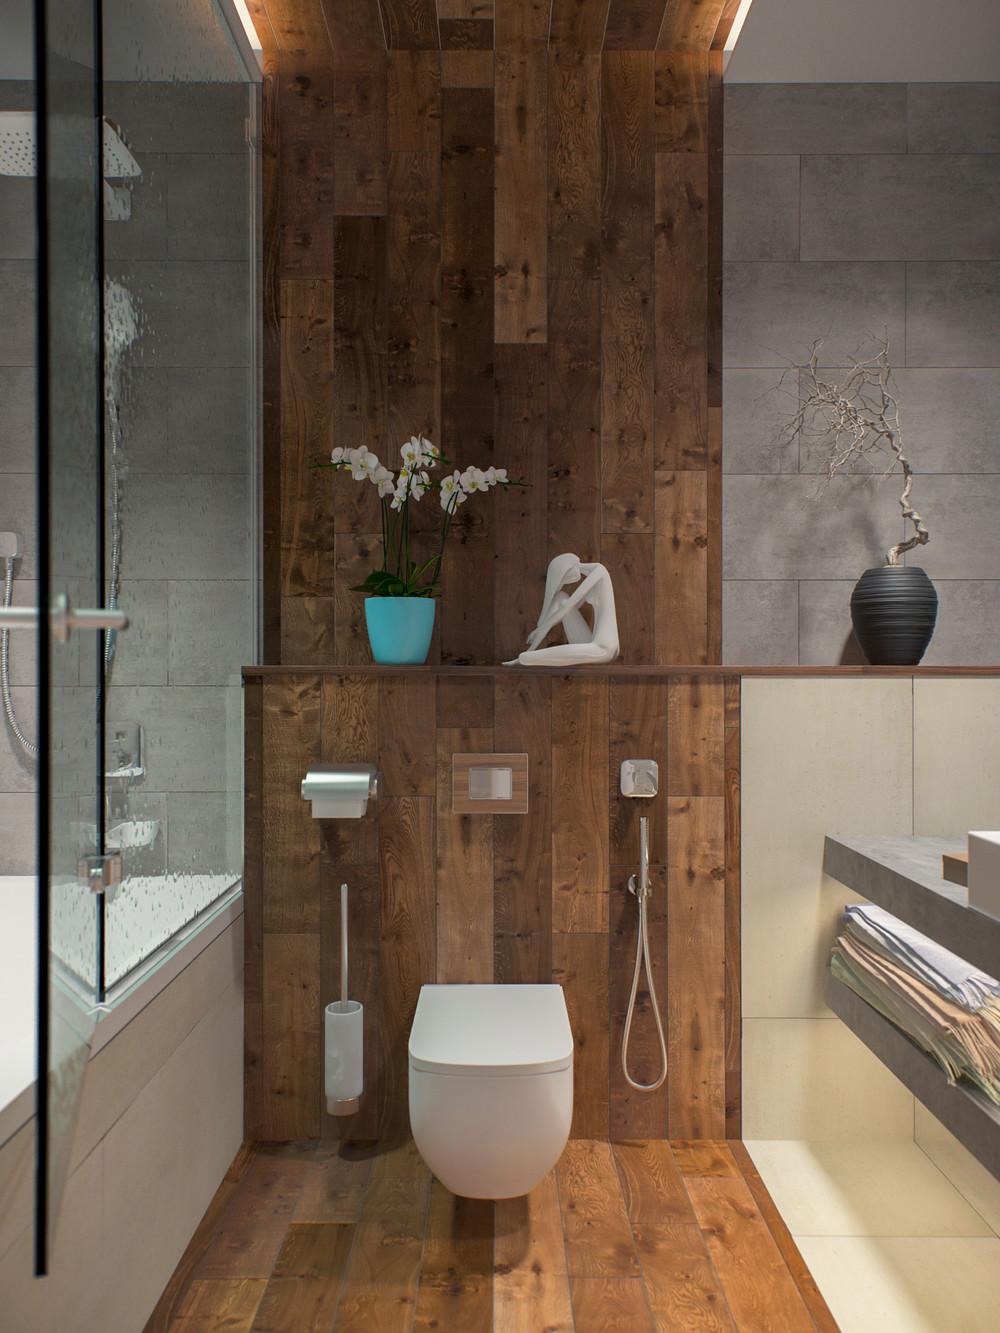 Wood Amp Concrete автор Юлиана Ефремова конкурс Quot ванная